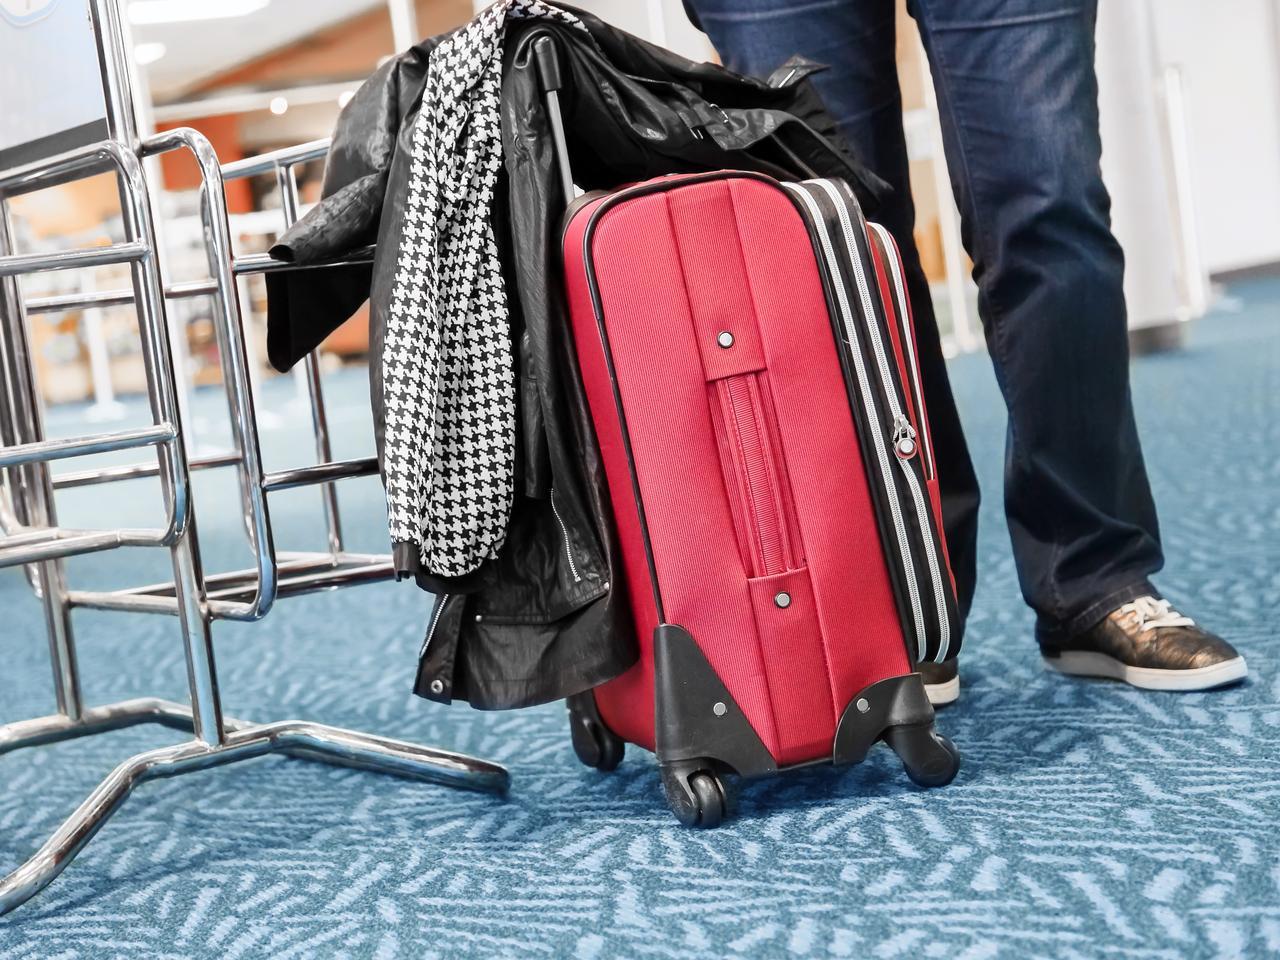 Kích thước vali xách tay đúng quy định của hãng Jestar